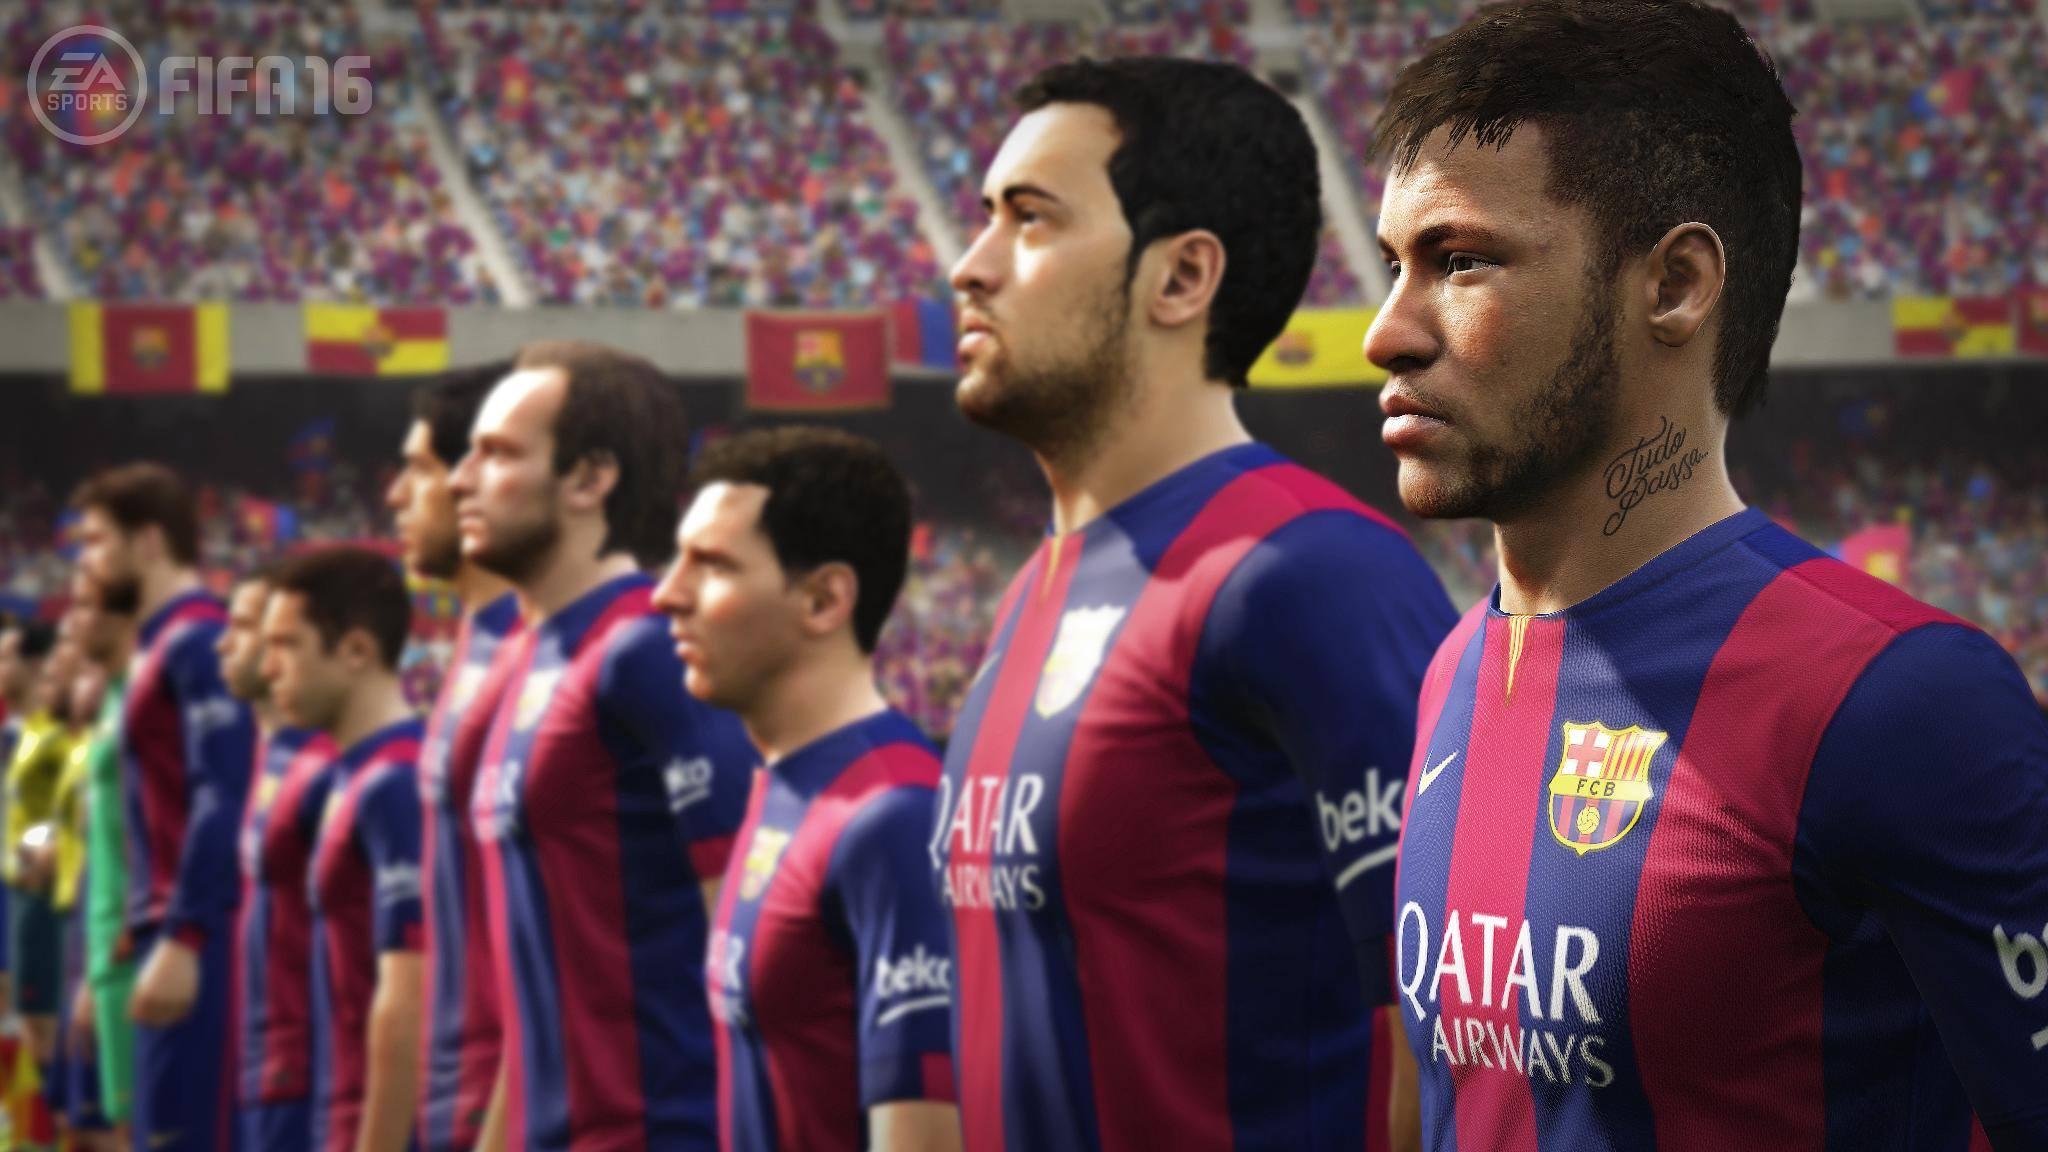 免費內容豐富| FIFA16 Demo 9月8日上市